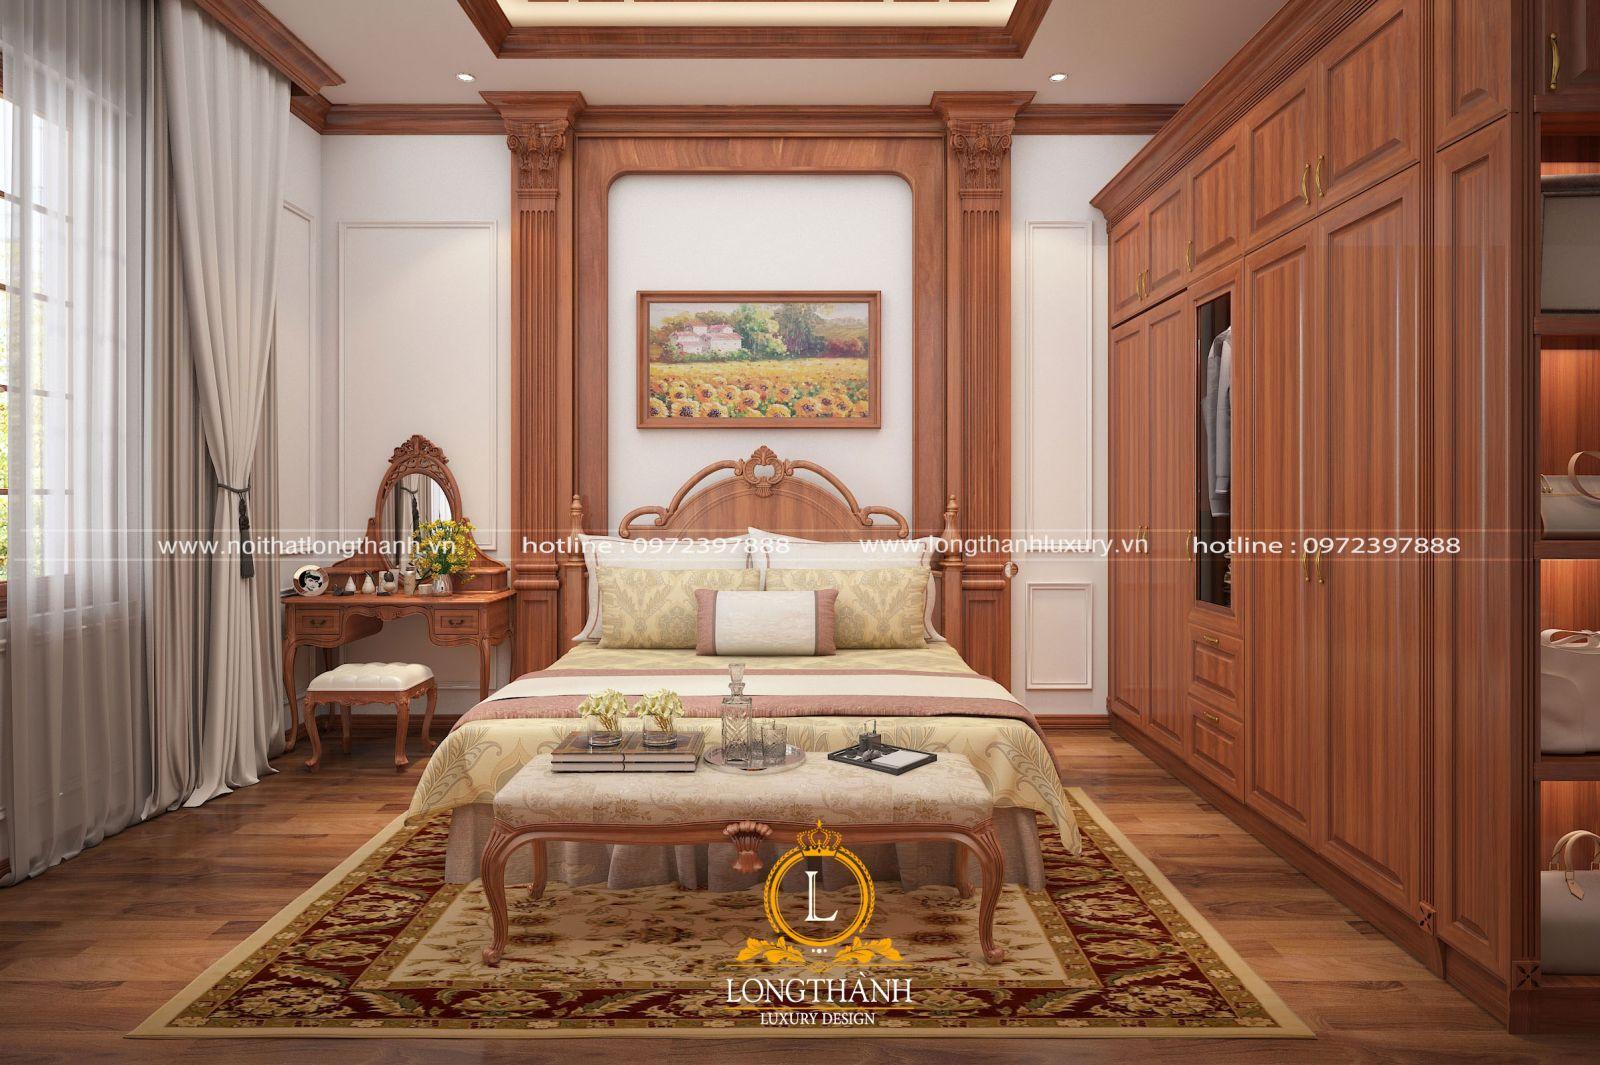 Thiết kế nội thất phòng ngủ tân cổ điển nhẹ nhàng